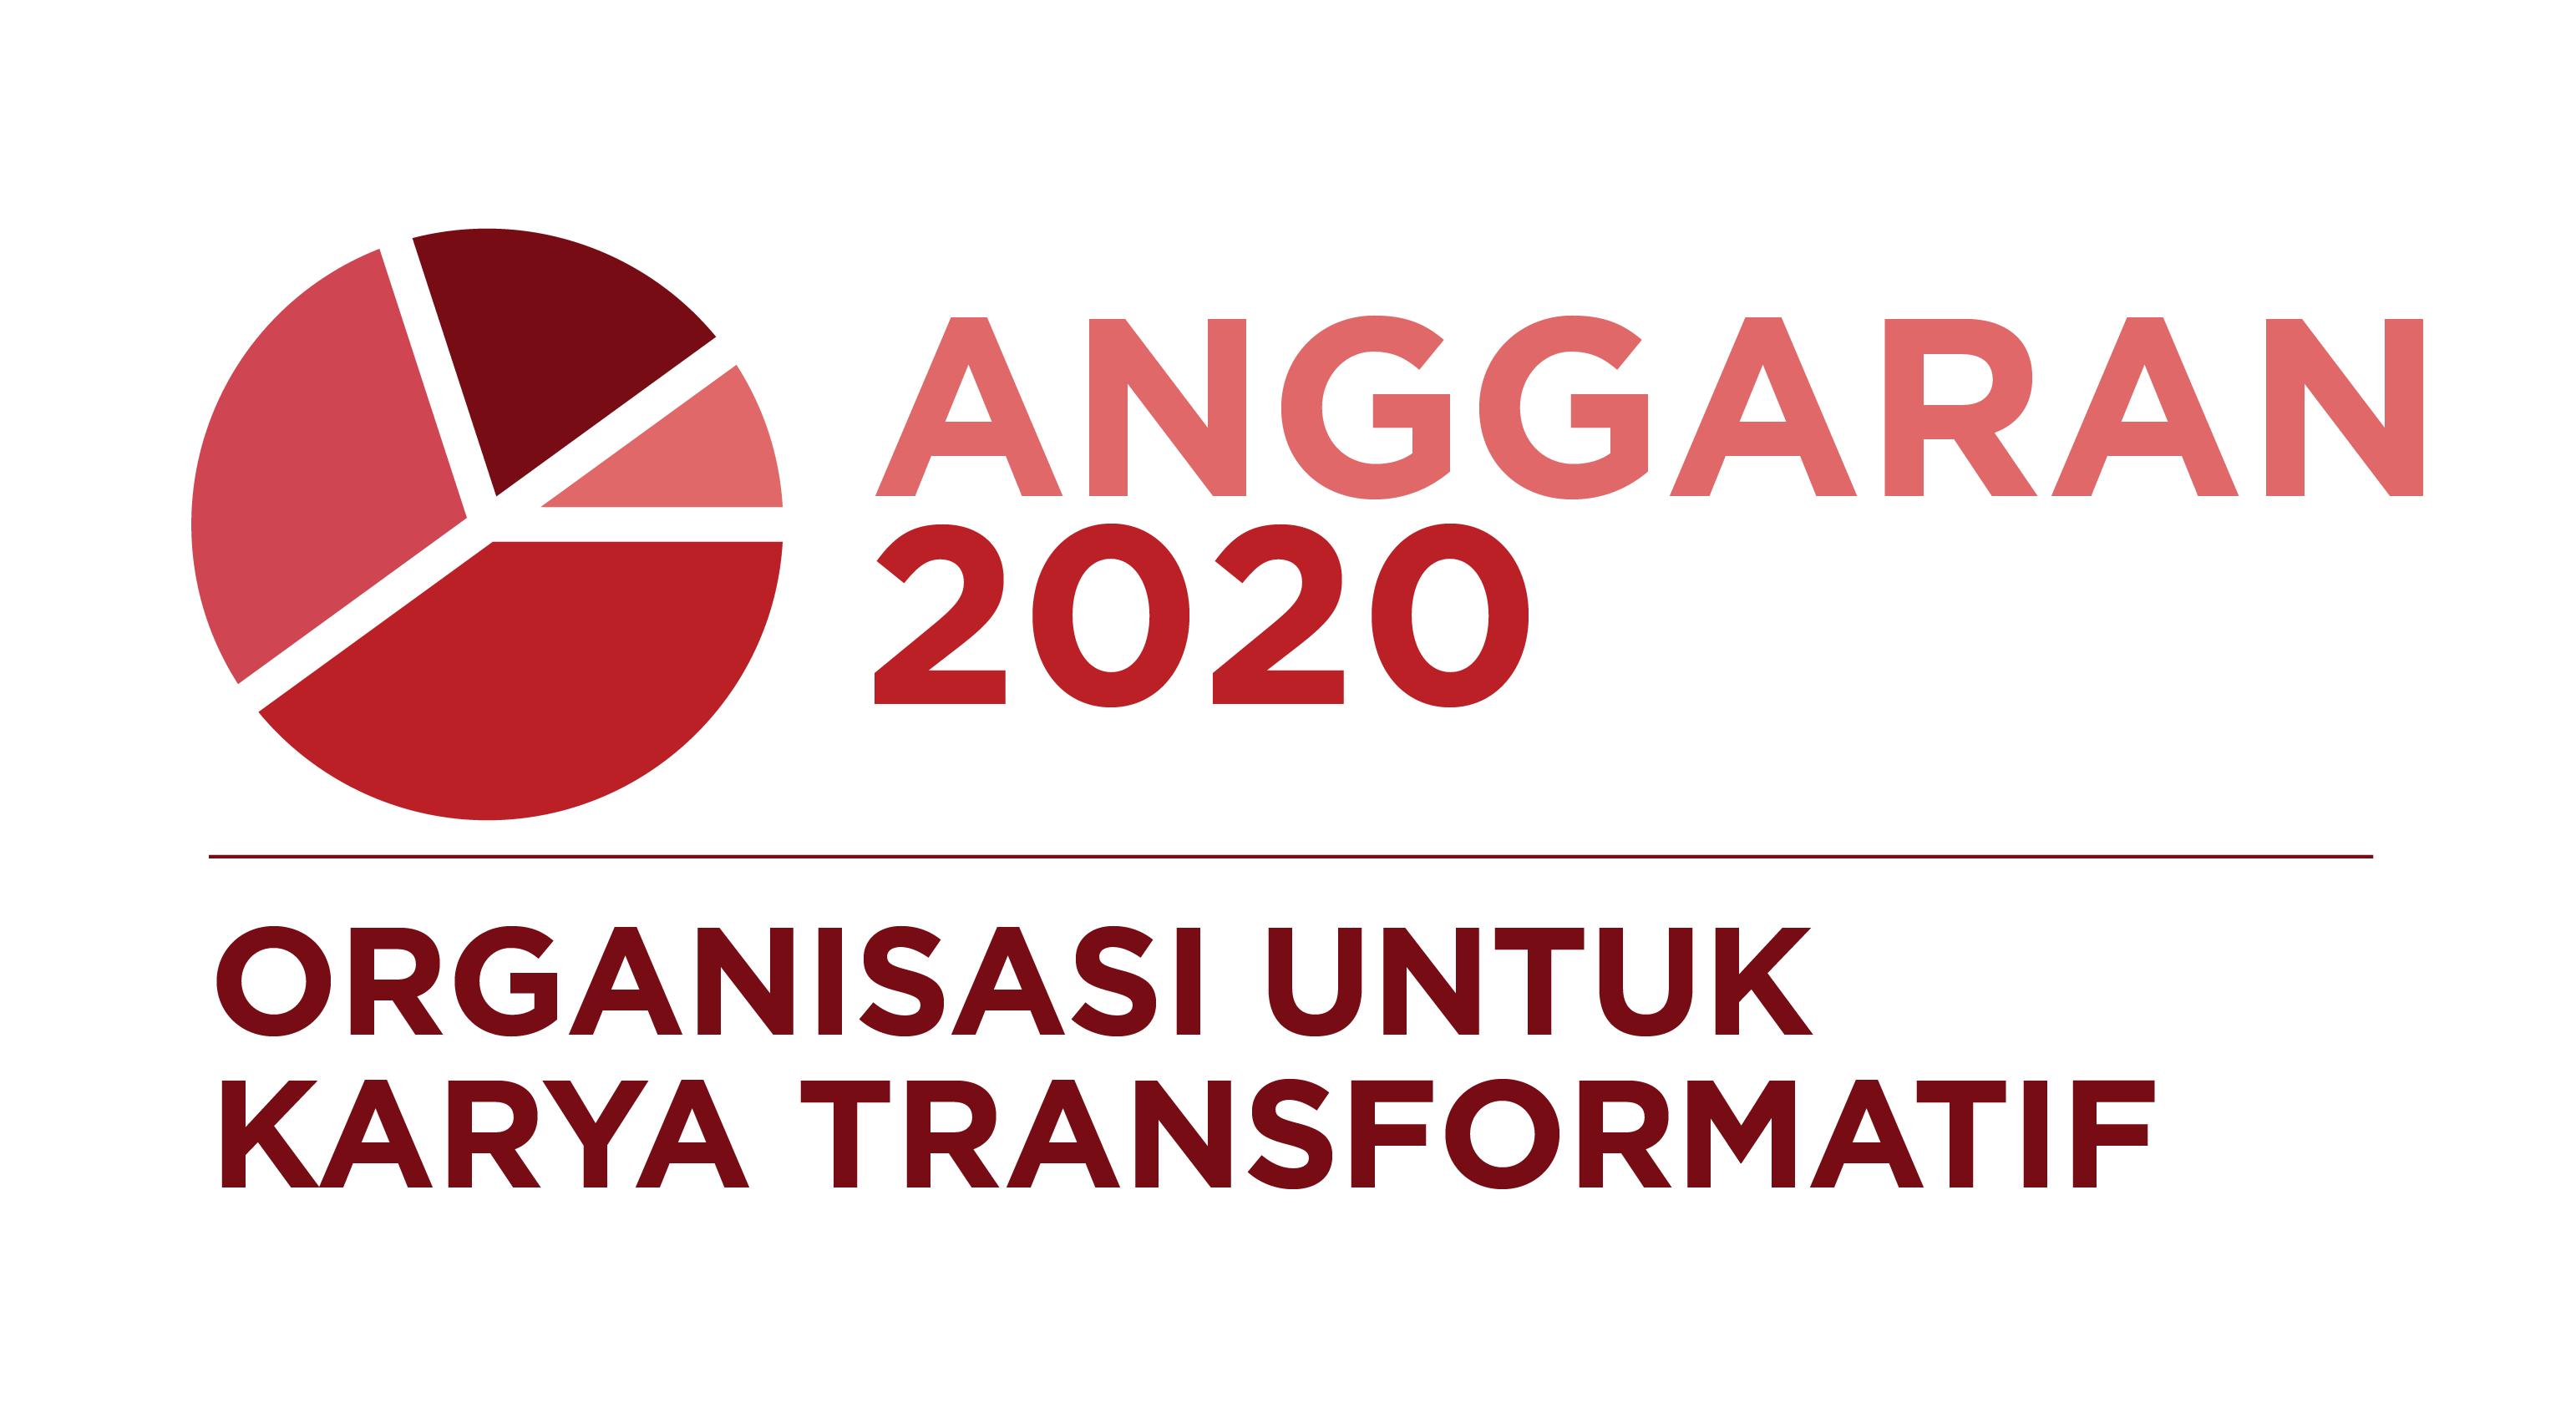 Organisasi untuk Karya Transformatif: Pembaruan Anggaran 2020